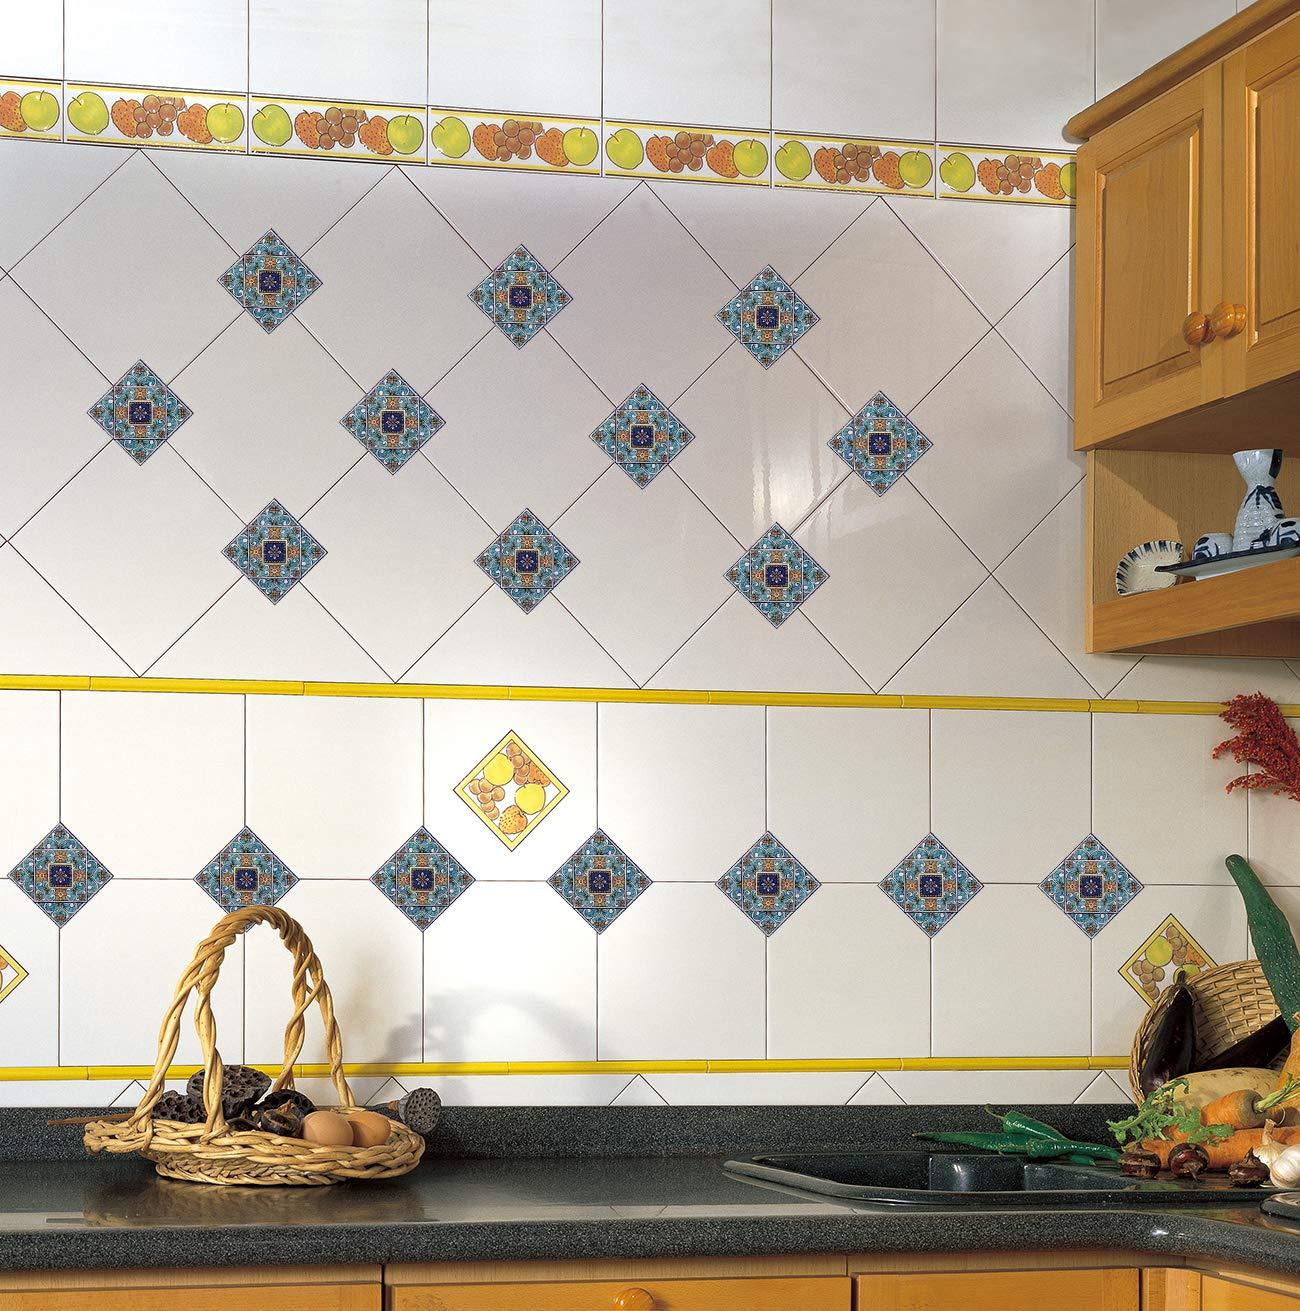 EXTSUD Adesivi Diagonali per Piastrelle Muro Pavimento, Set da 40 Pezzi 10x10cm, Wall Stickers da Mattonelle Parete in PVC Impermeabile Autoadesivo Decorazione per Cucina Bagno (10x10cm, Blu) TDS005